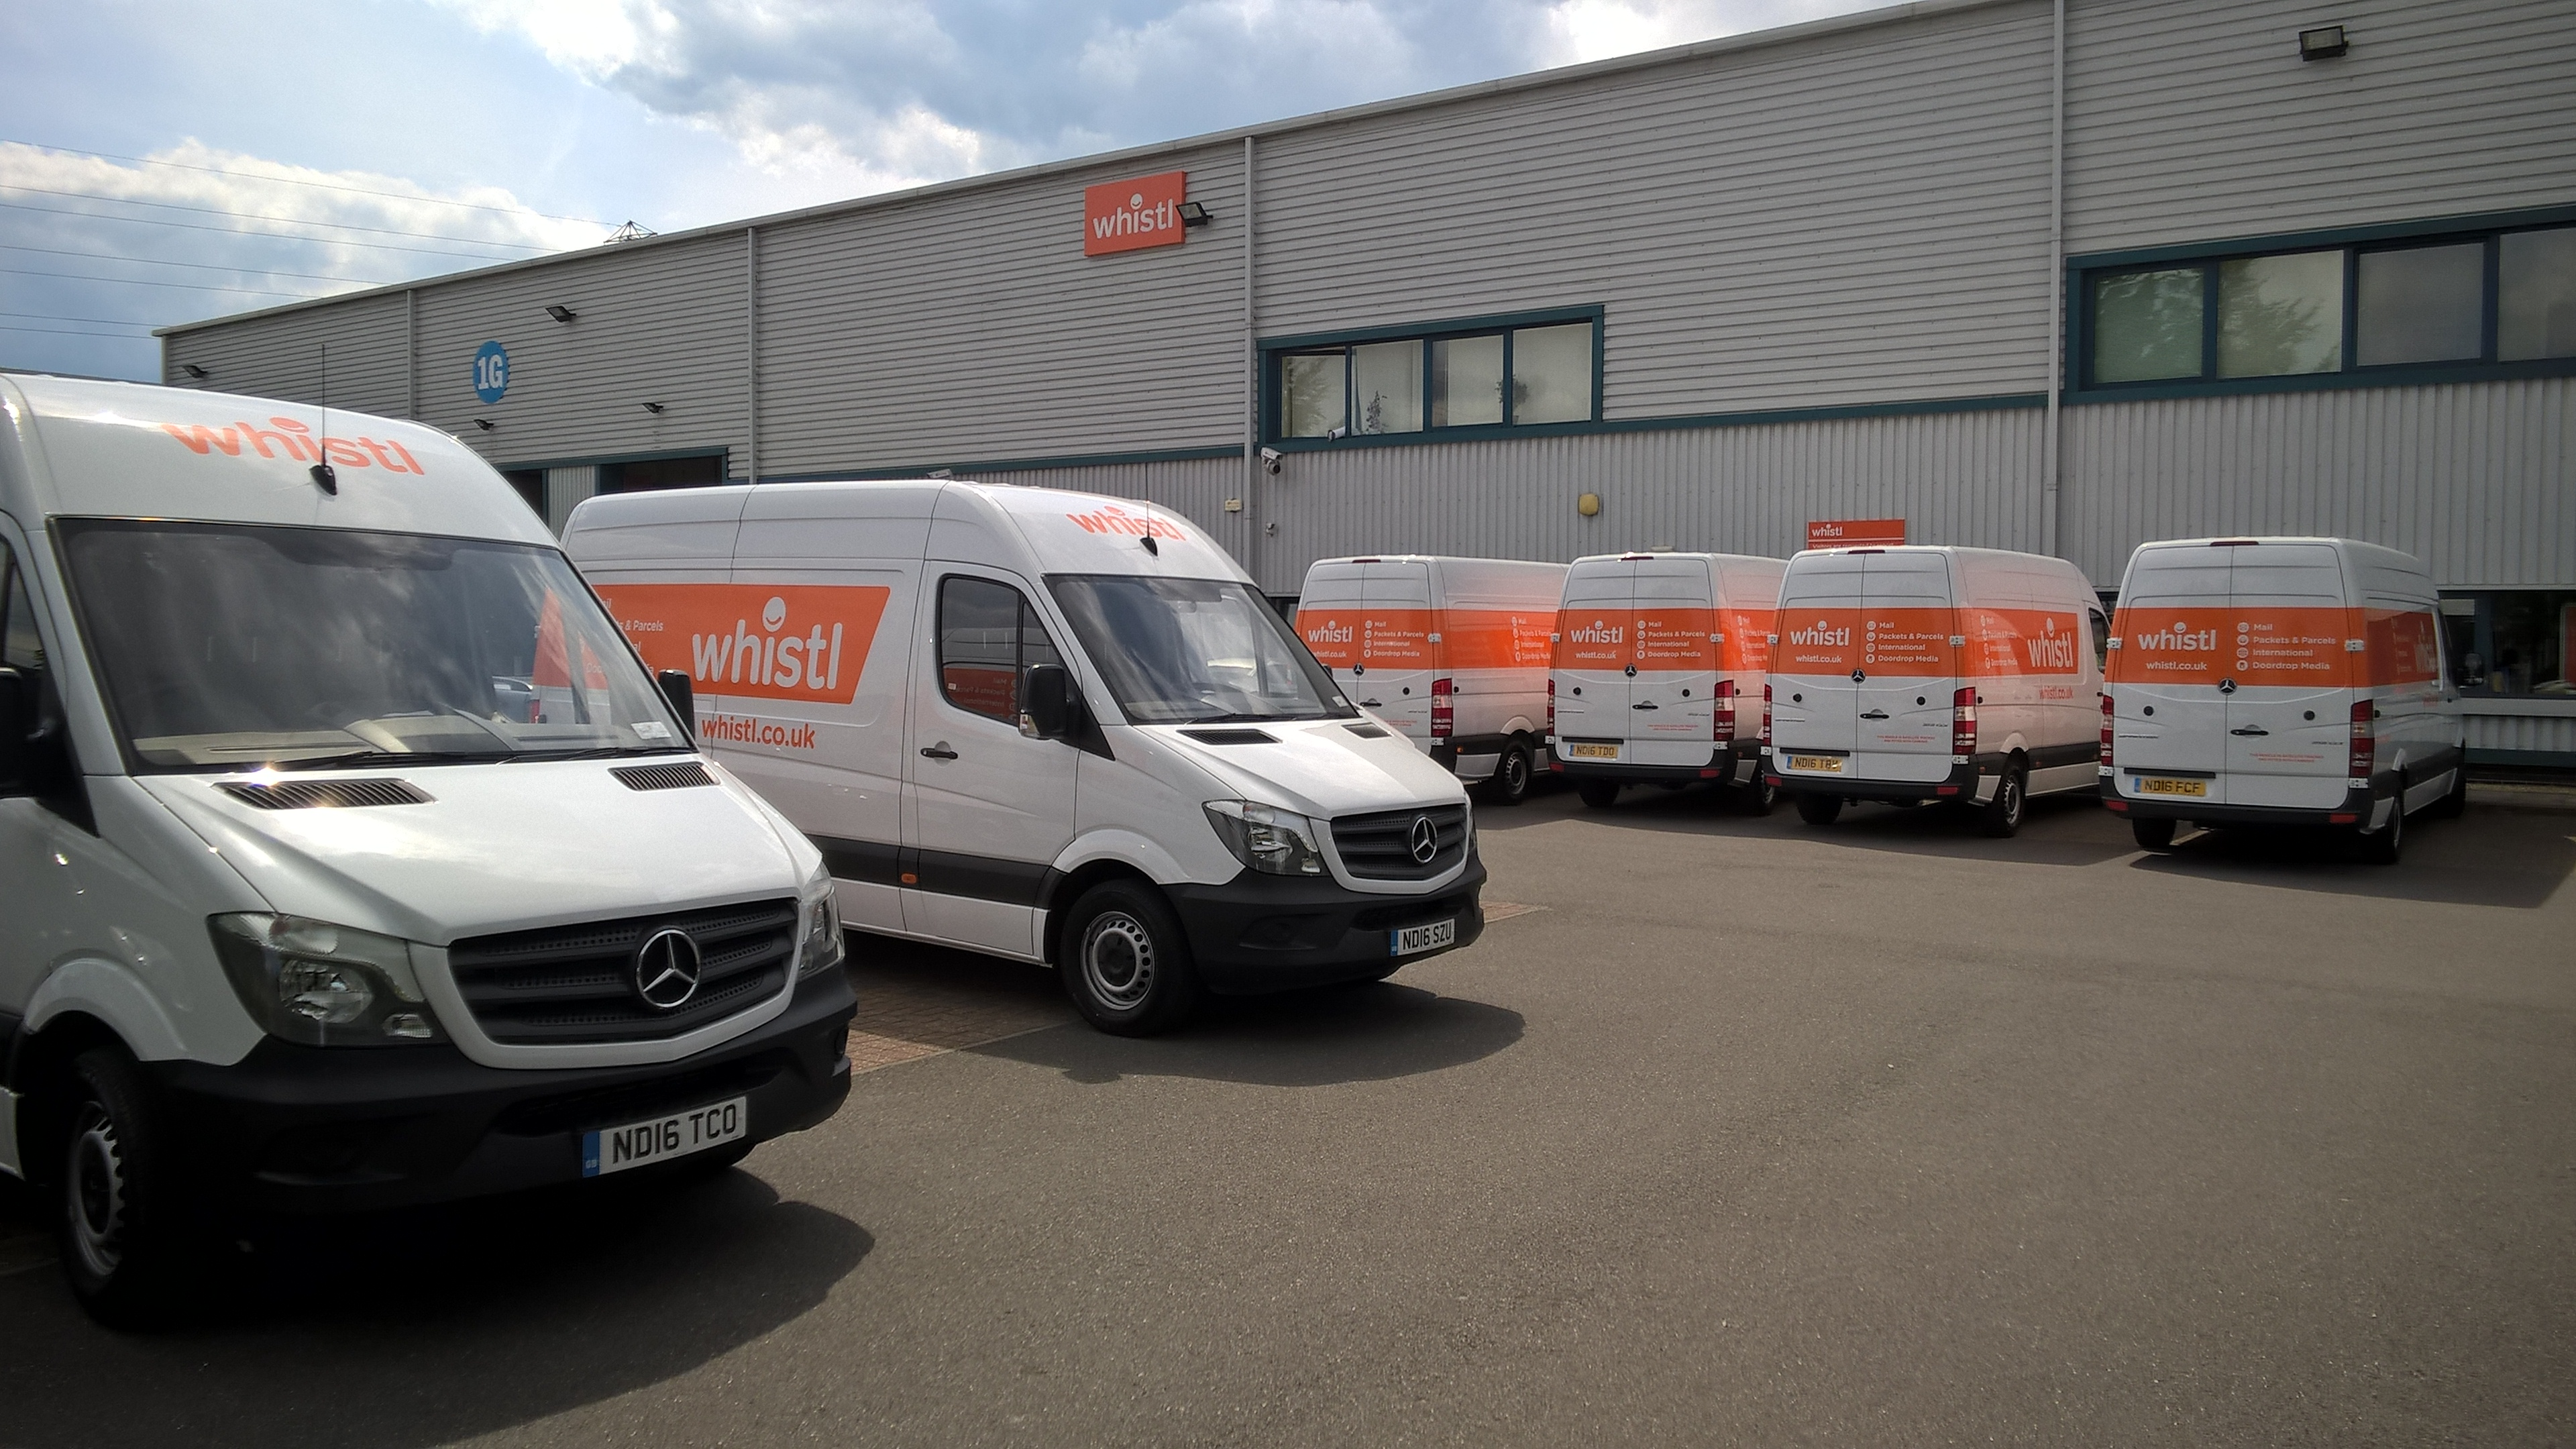 Whistl invests £3m in van fleet renewal